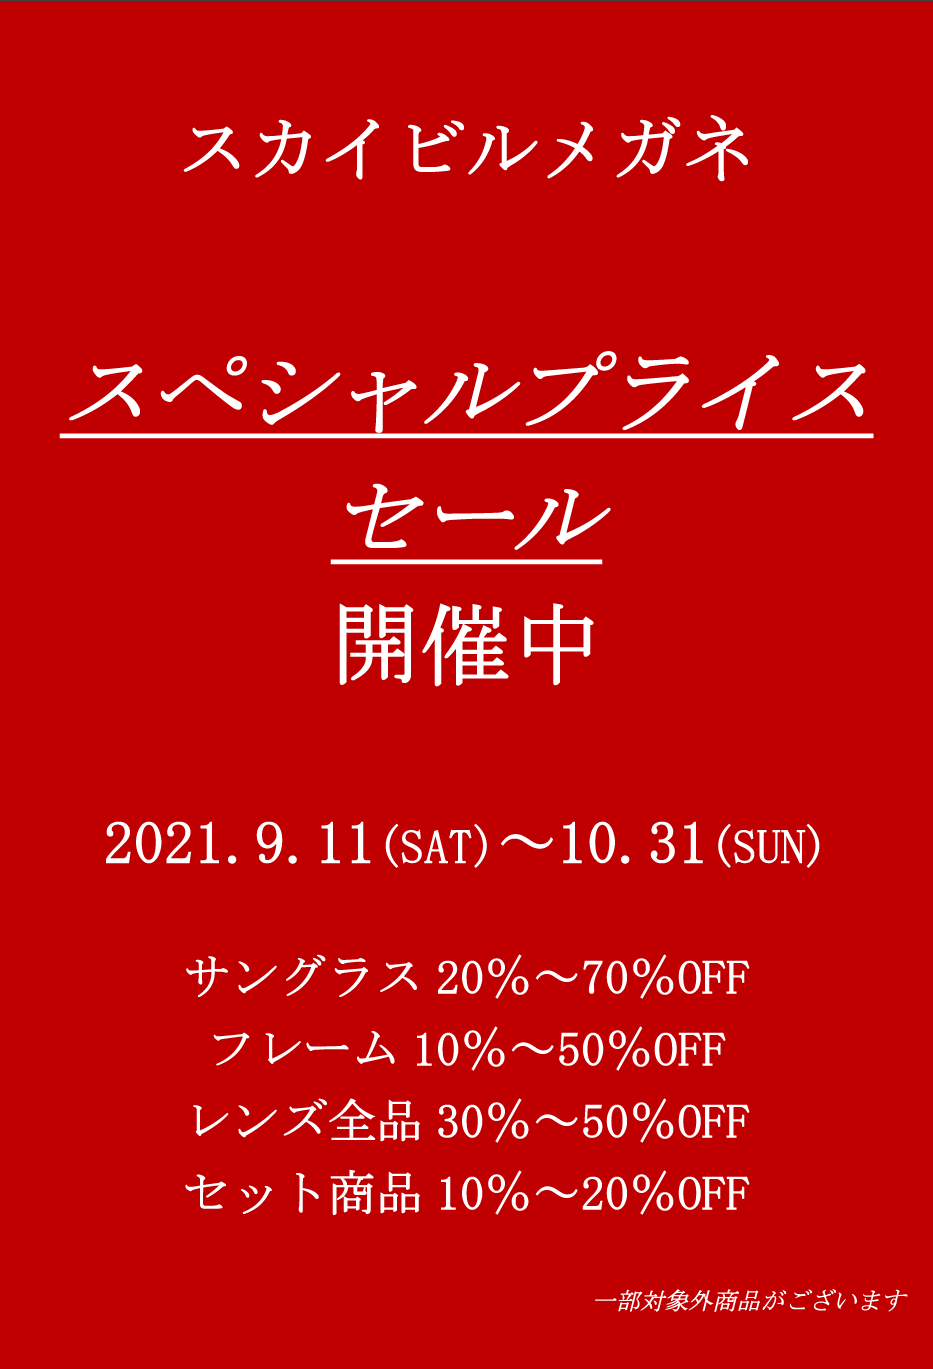 スペシャルプライスセール2021.9